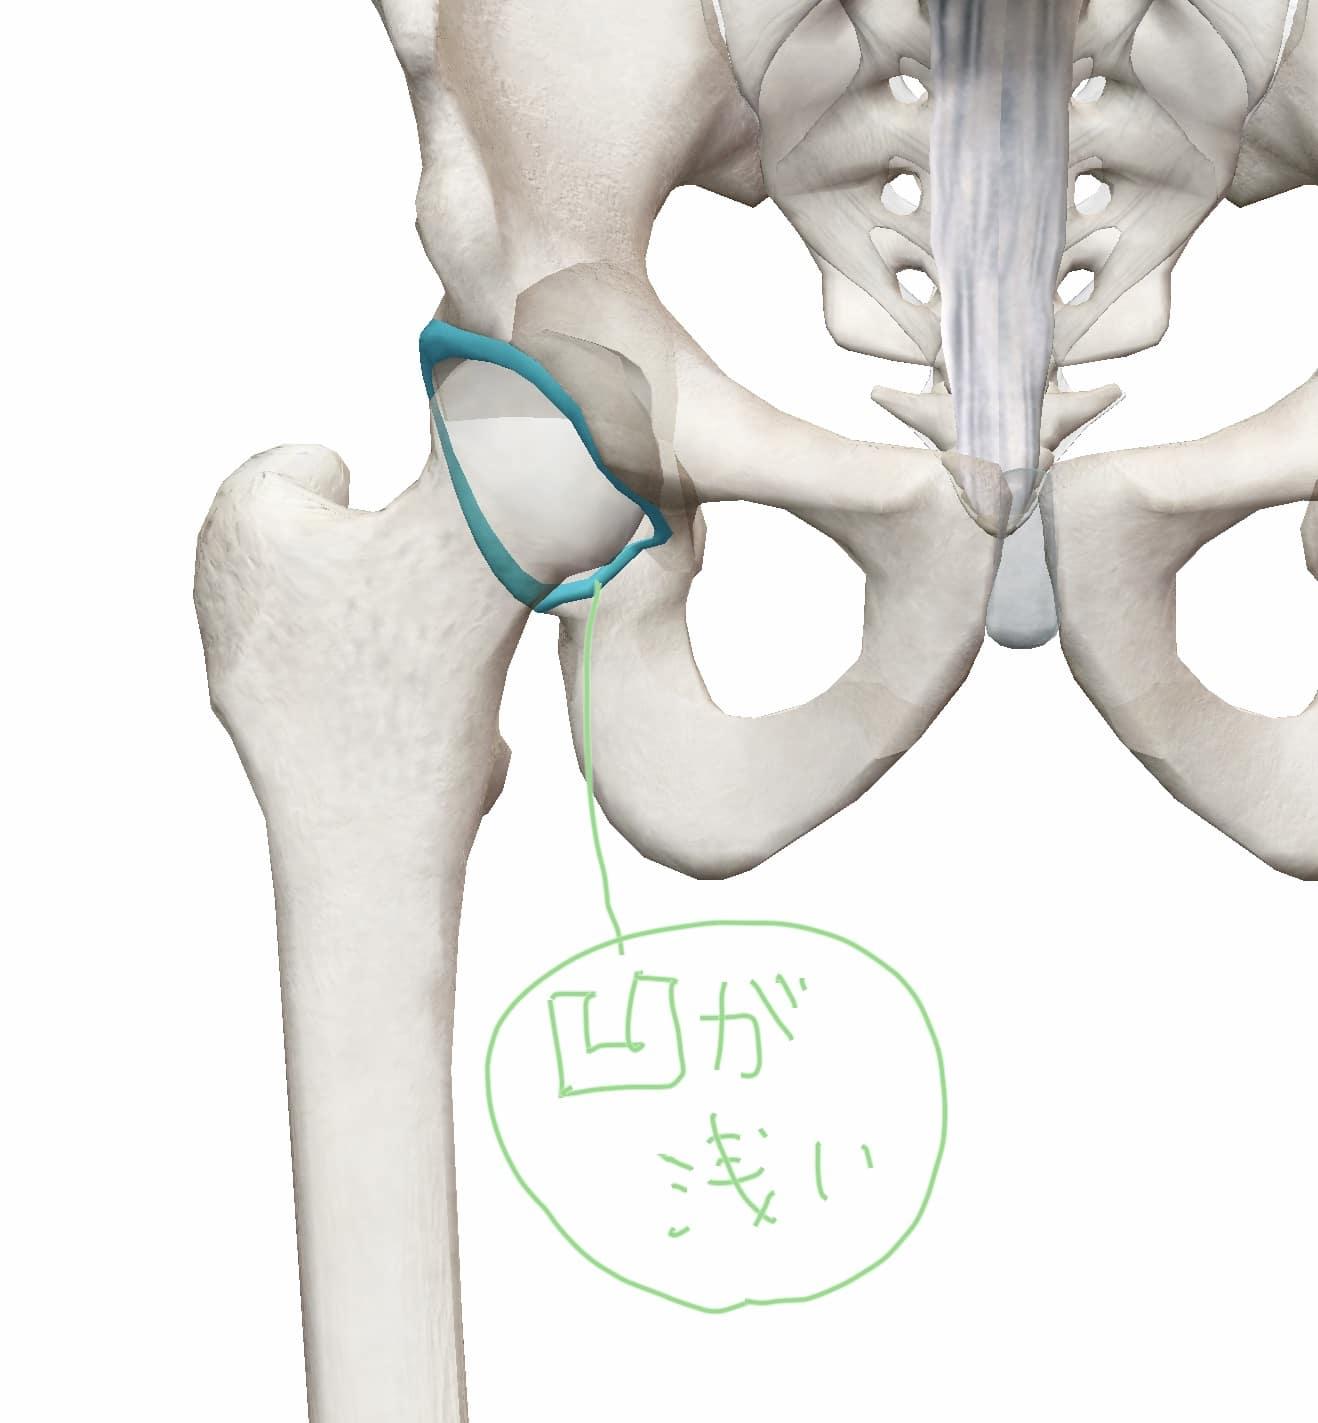 骨盤の凹が浅い図